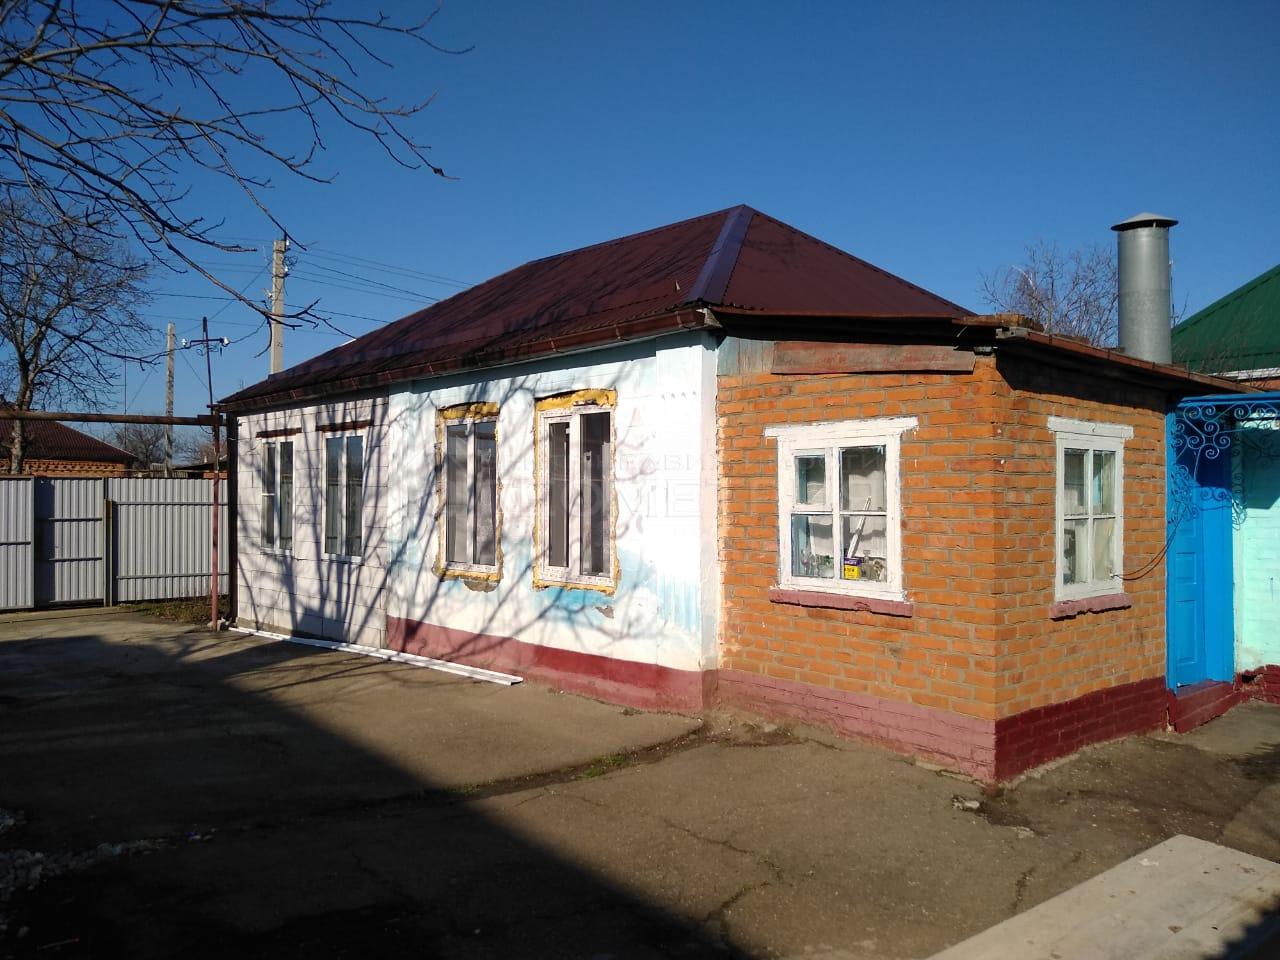 Продам дом по адресу Россия, Краснодарский край, Динской район, Новотитаровская фото 10 по выгодной цене